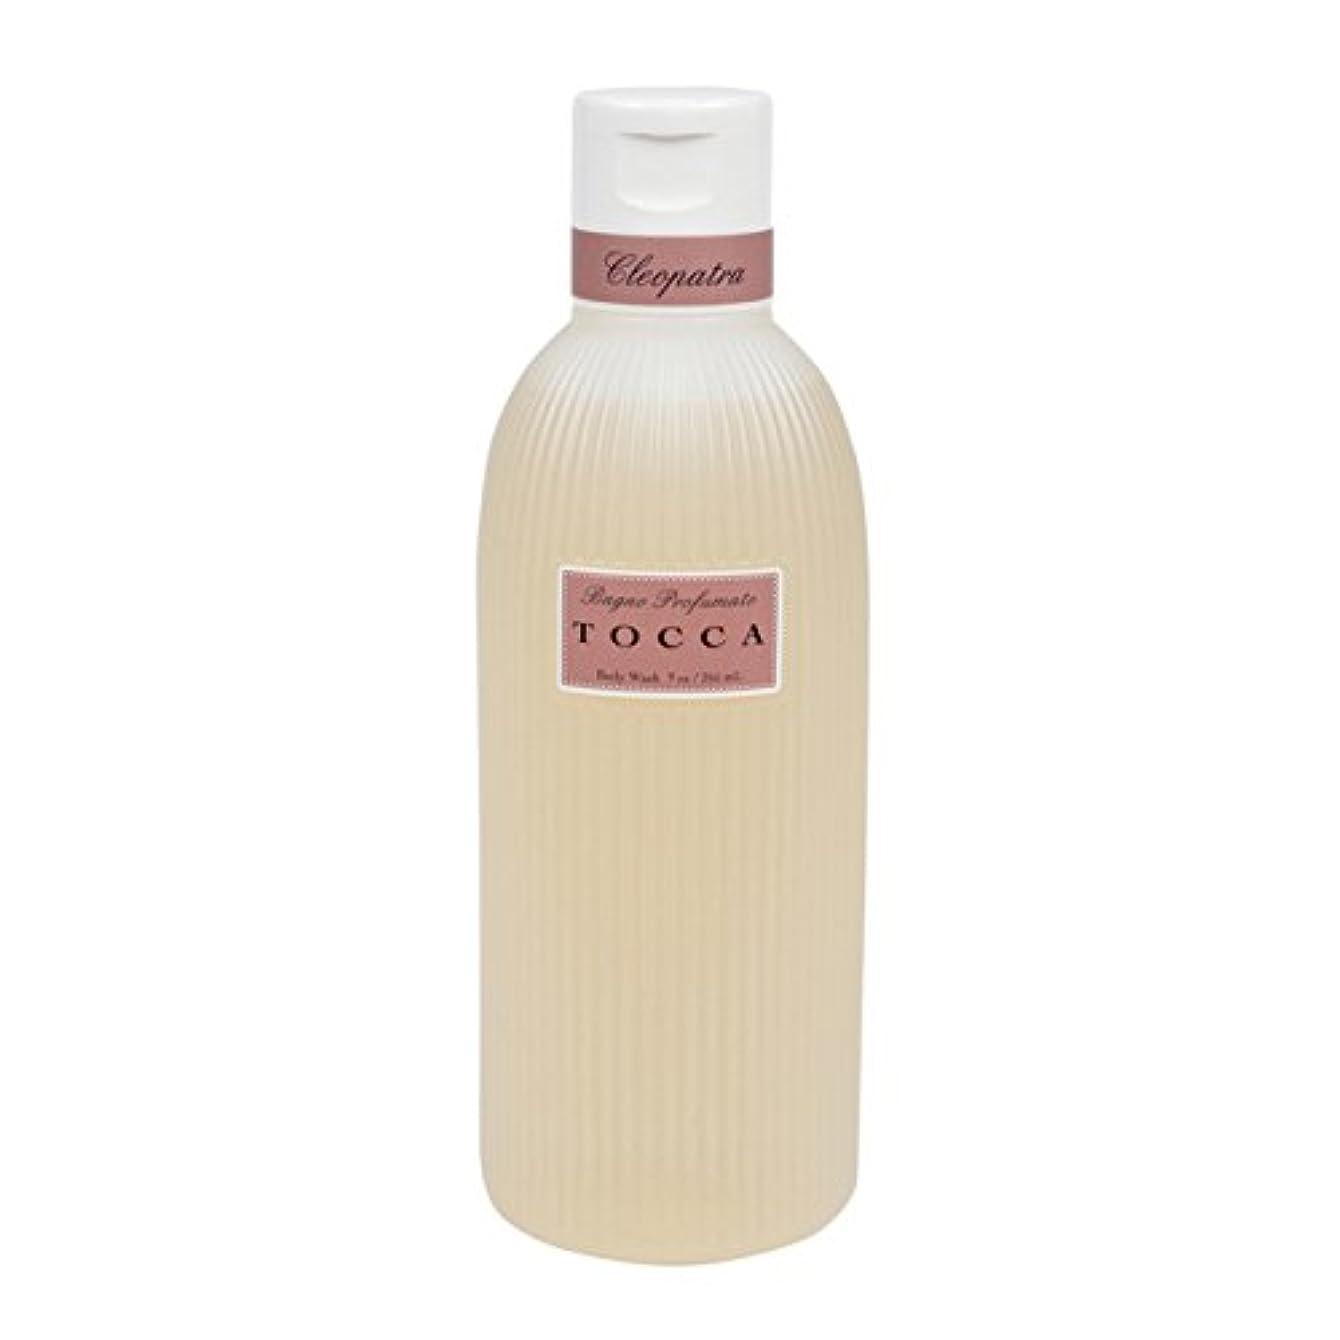 債務者大聖堂去るトッカ(TOCCA) ボディーケアウォッシュ クレオパトラの香り 266ml(全身用洗浄料 ボディーソープ グレープフルーツとキューカンバーのフレッシュでクリーンな香り)